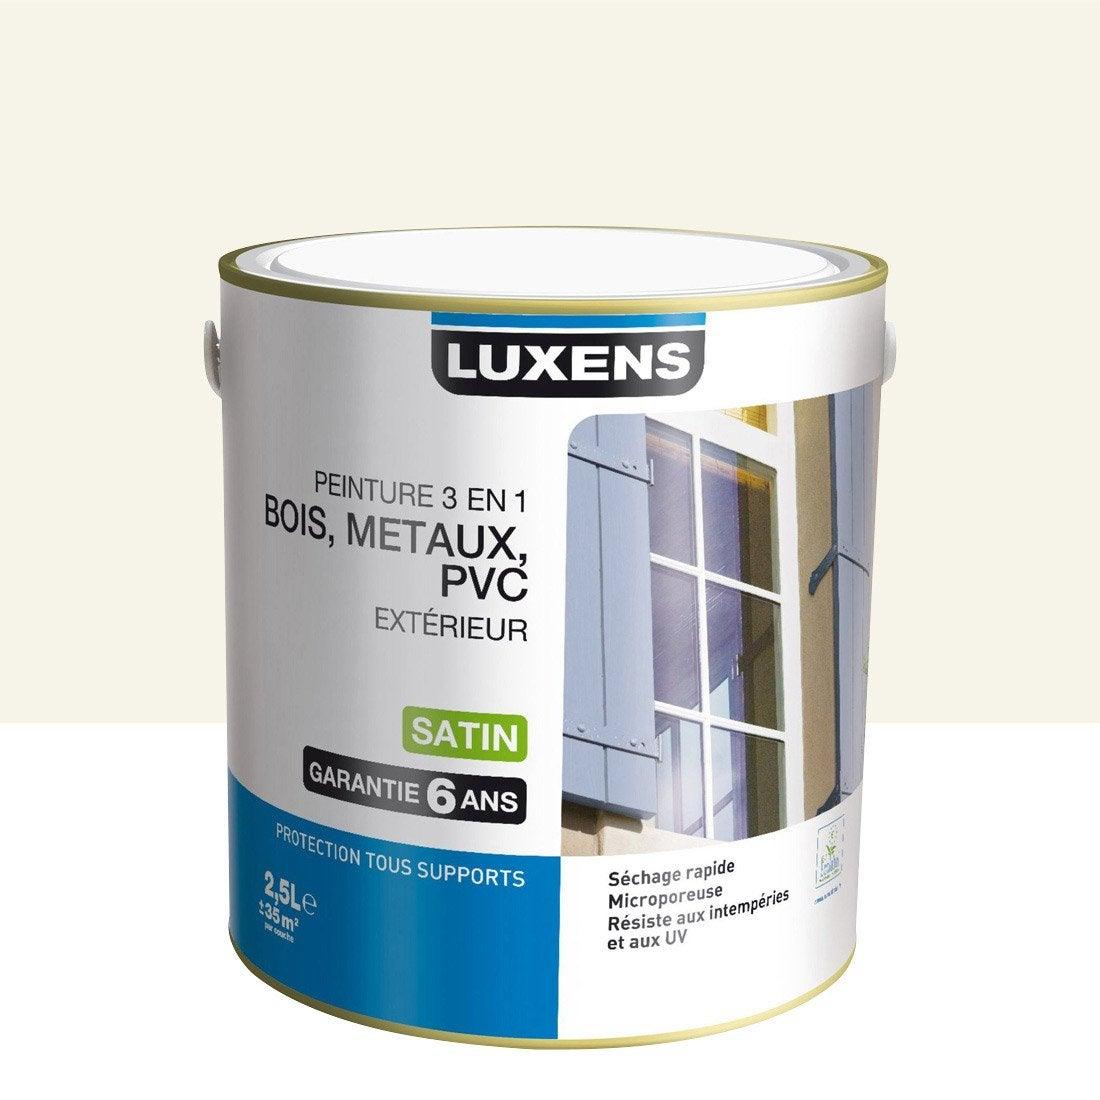 Peinture bois m taux et pvc ext rieur 3en1 luxens satin blanc ivoire n 5 2 5l leroy merlin - Peinture pvc leroy merlin ...